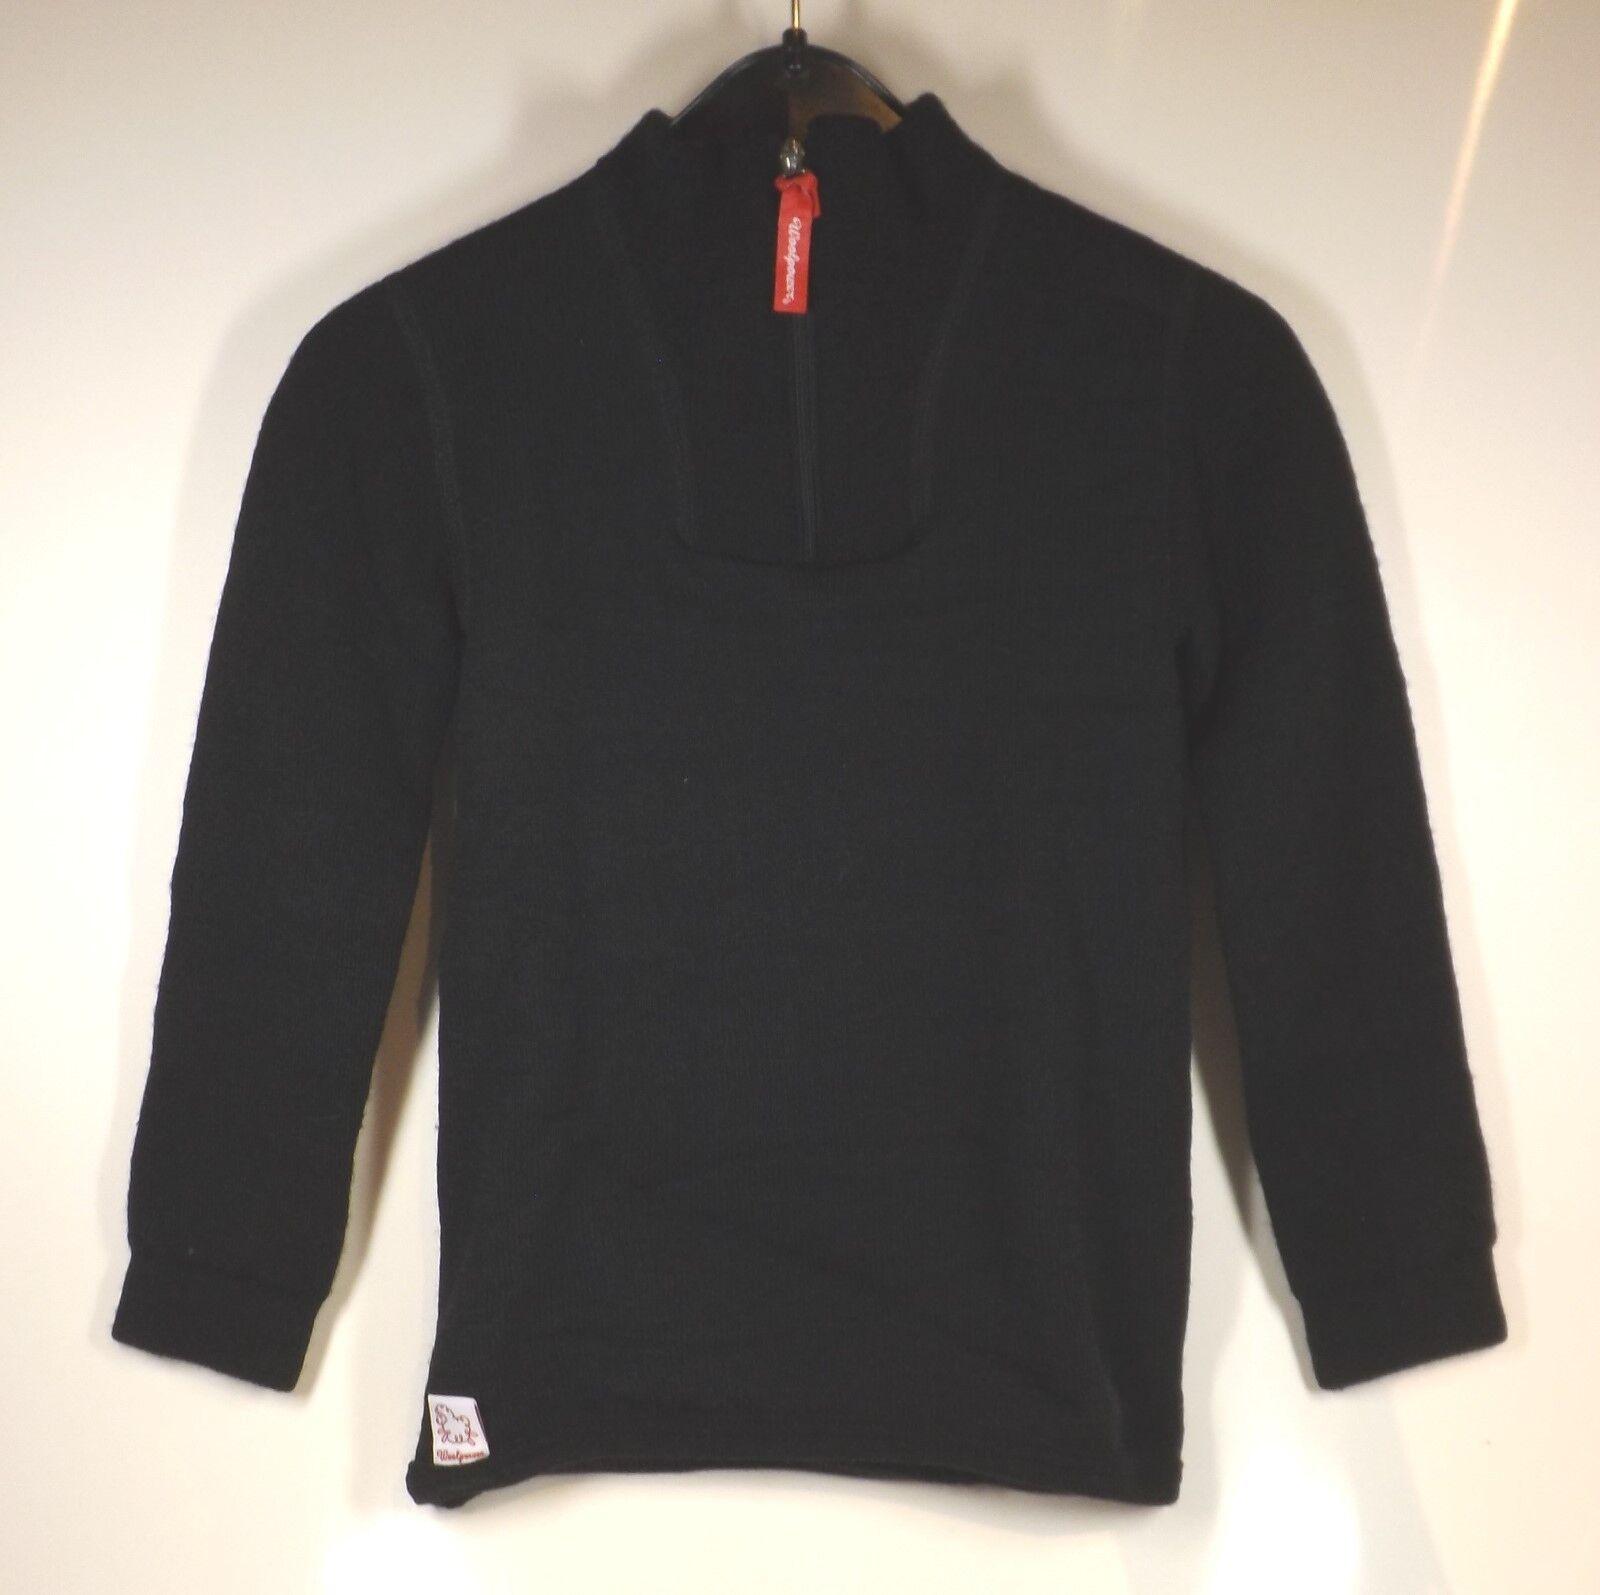 Woolpower Enfants Zip Col Roulé 200 Réchauffer Shirt Sous-Vêtement pour Polo